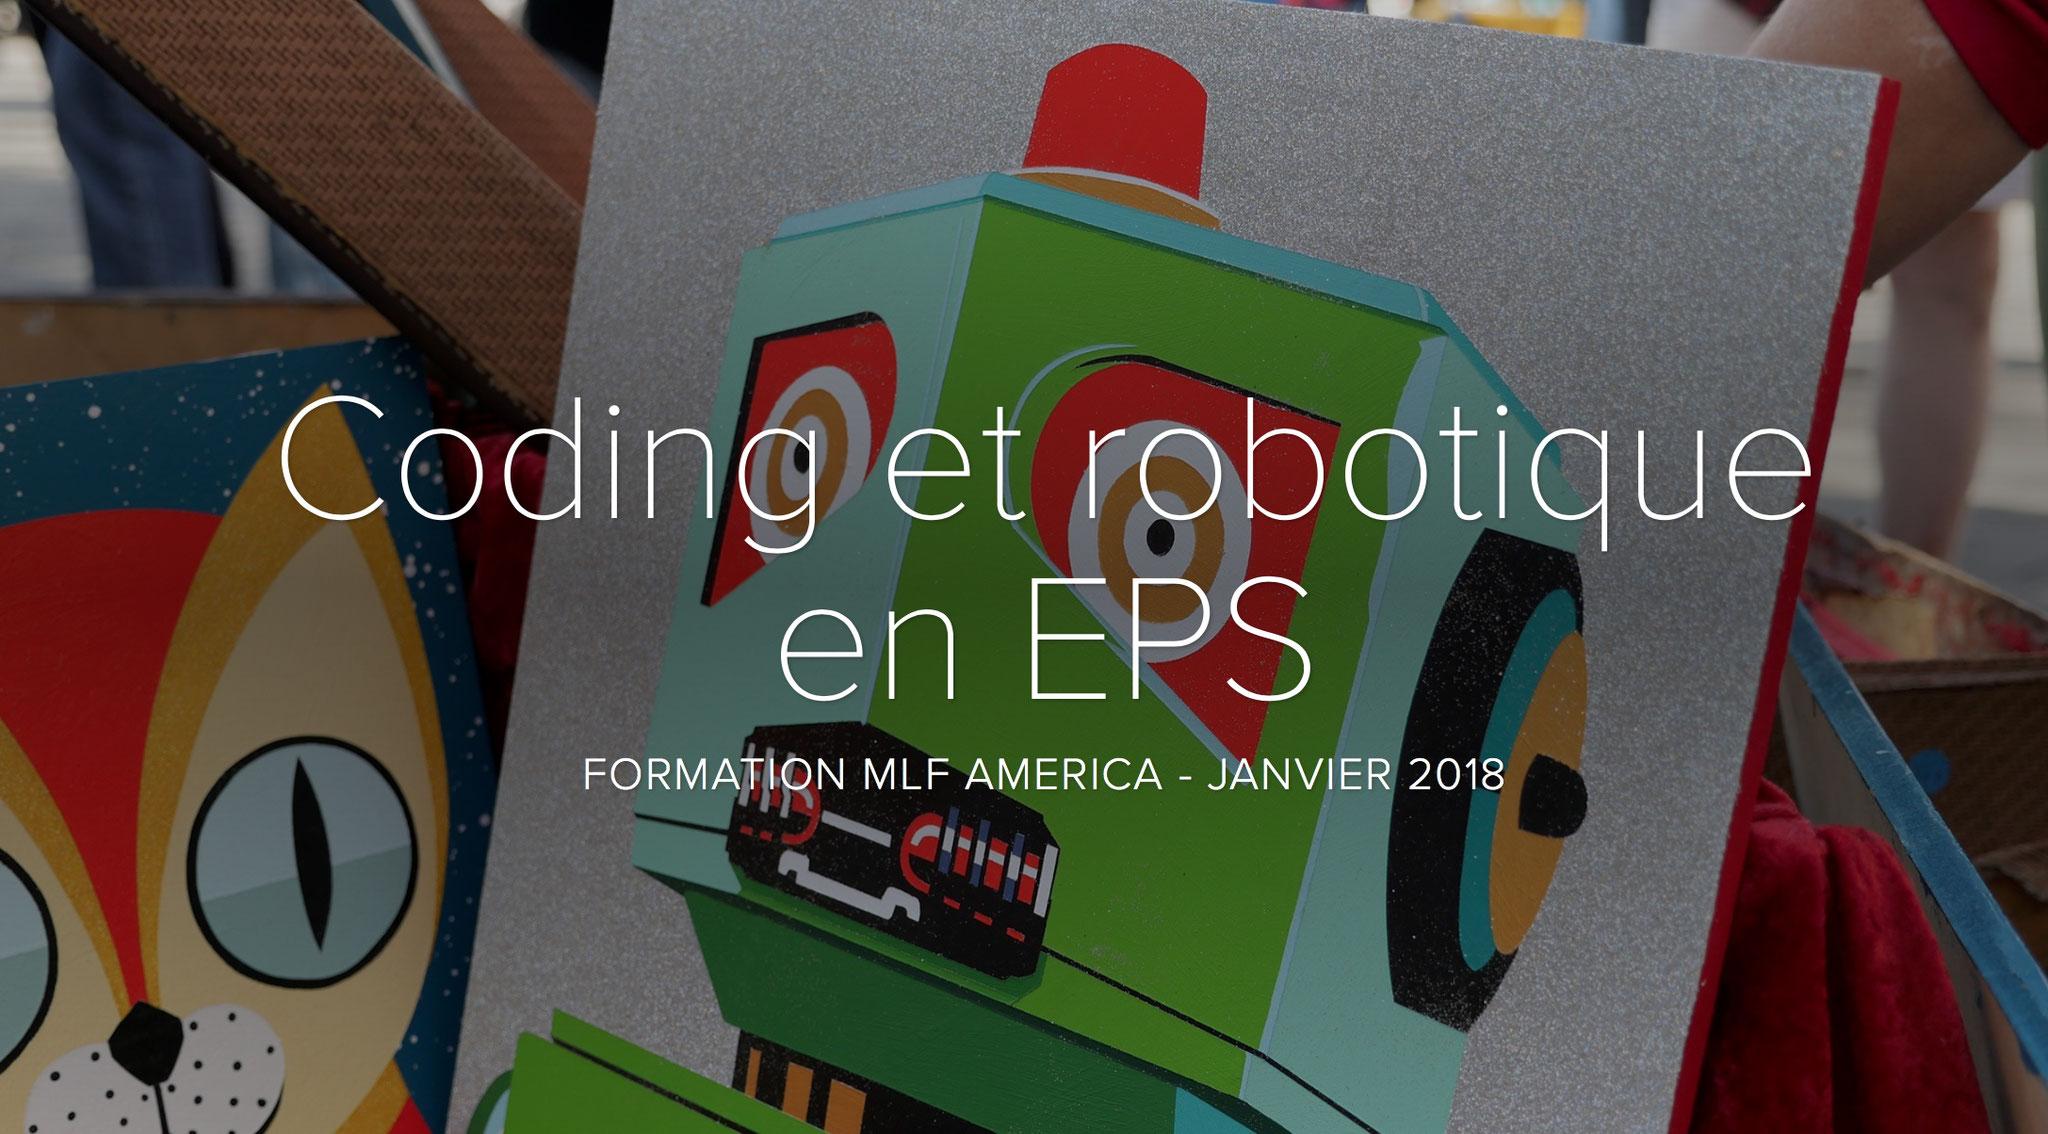 Coding et robotique en EPS